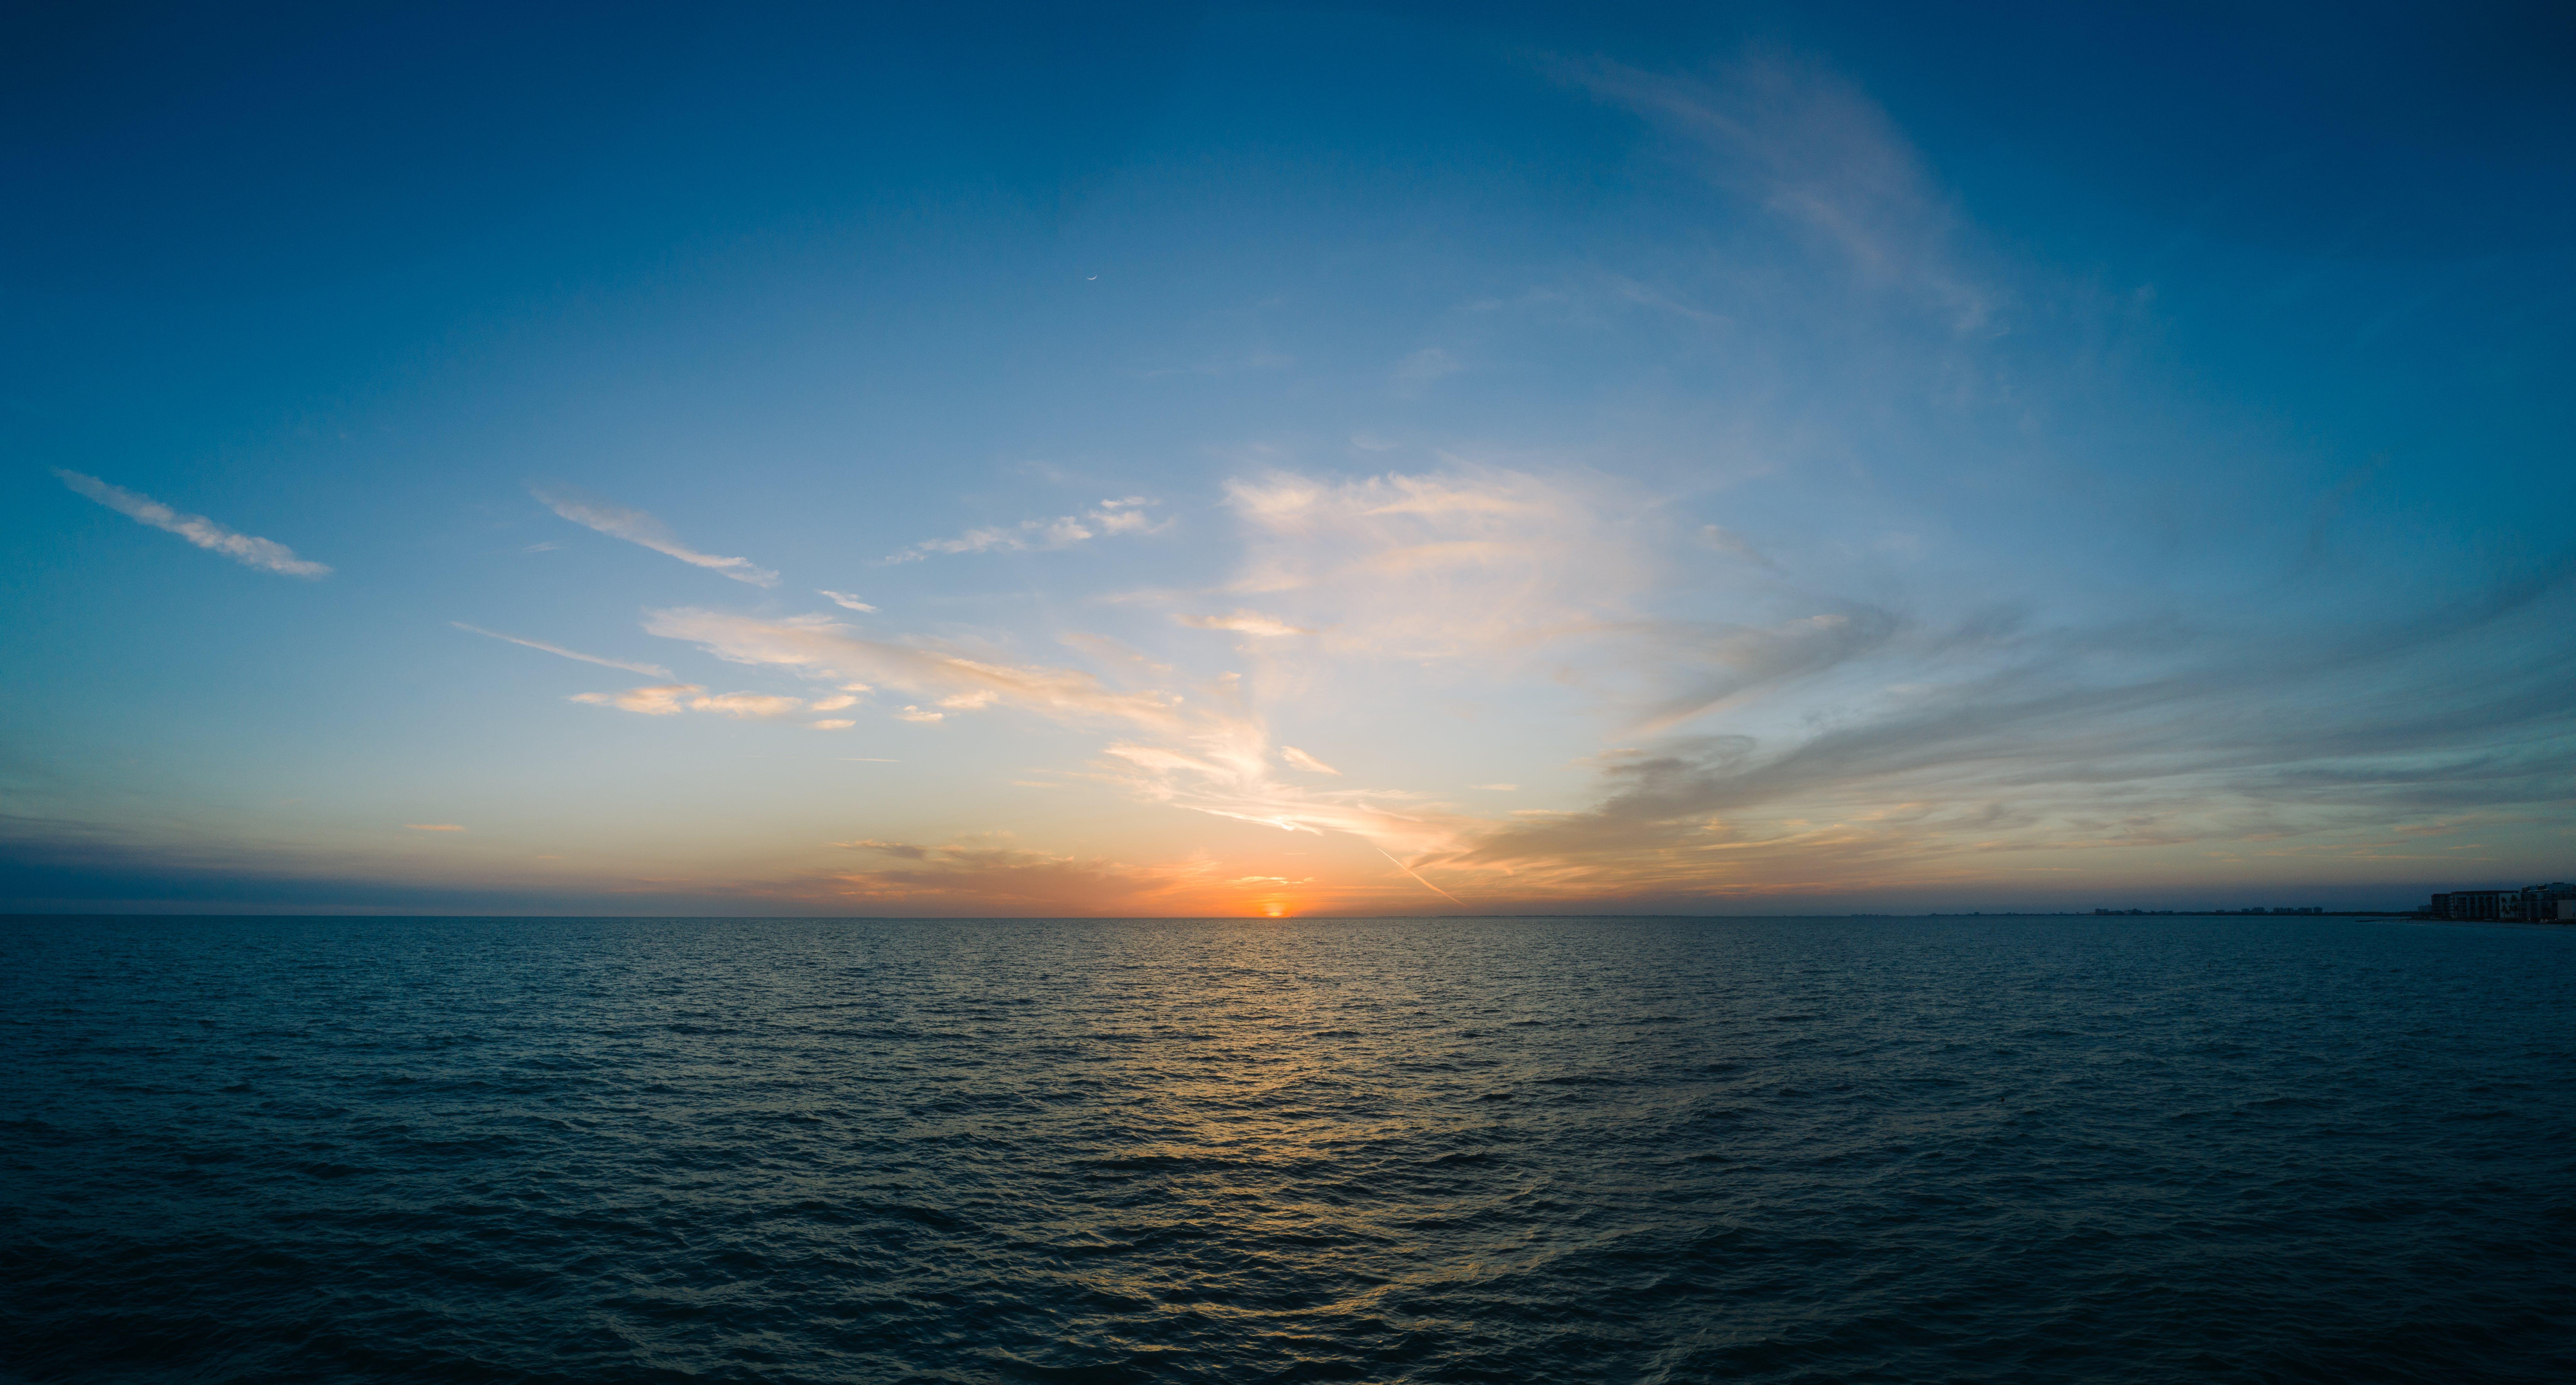 Foto d'estoc gratuïta de aigua, blau, calma, capvespre